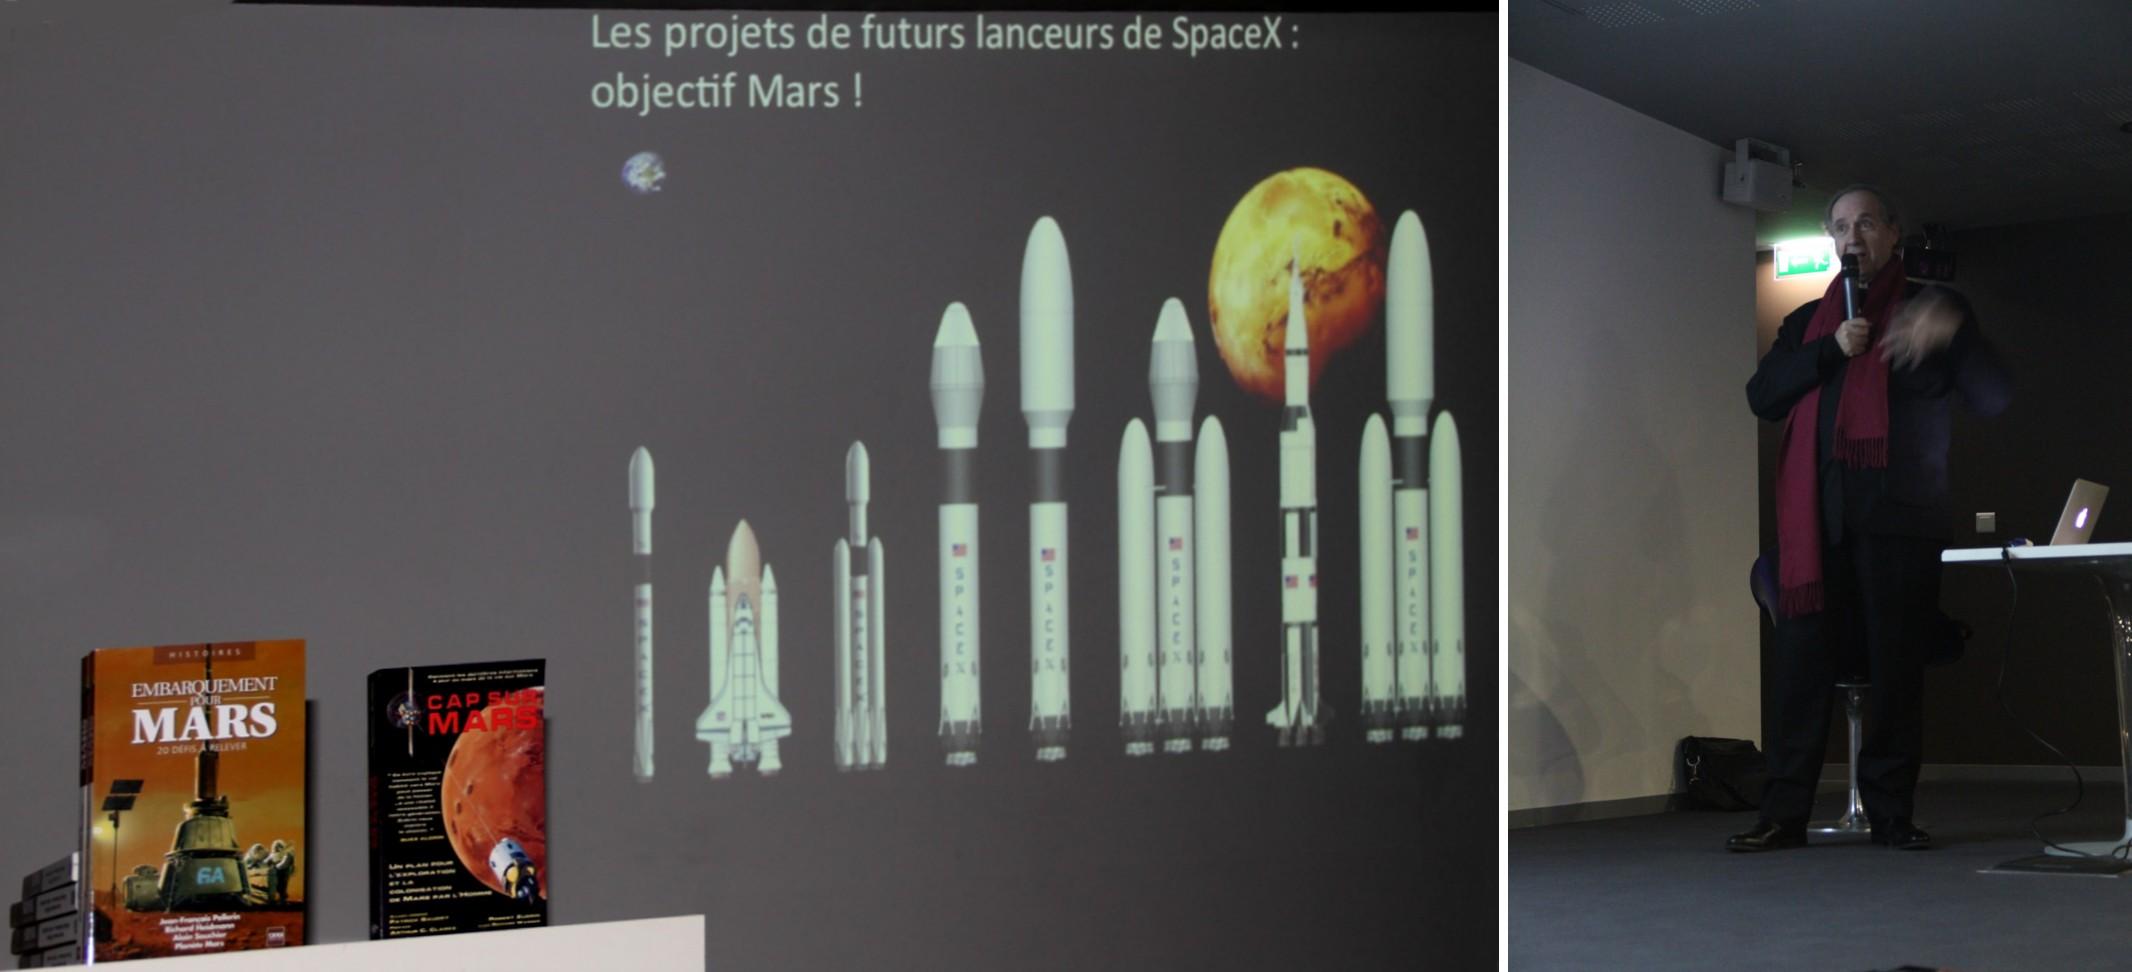 14 12 13 - 18h 25m 25s - Pavillon de l'eau conf Heidmann Dupas ambitions US Mars montage